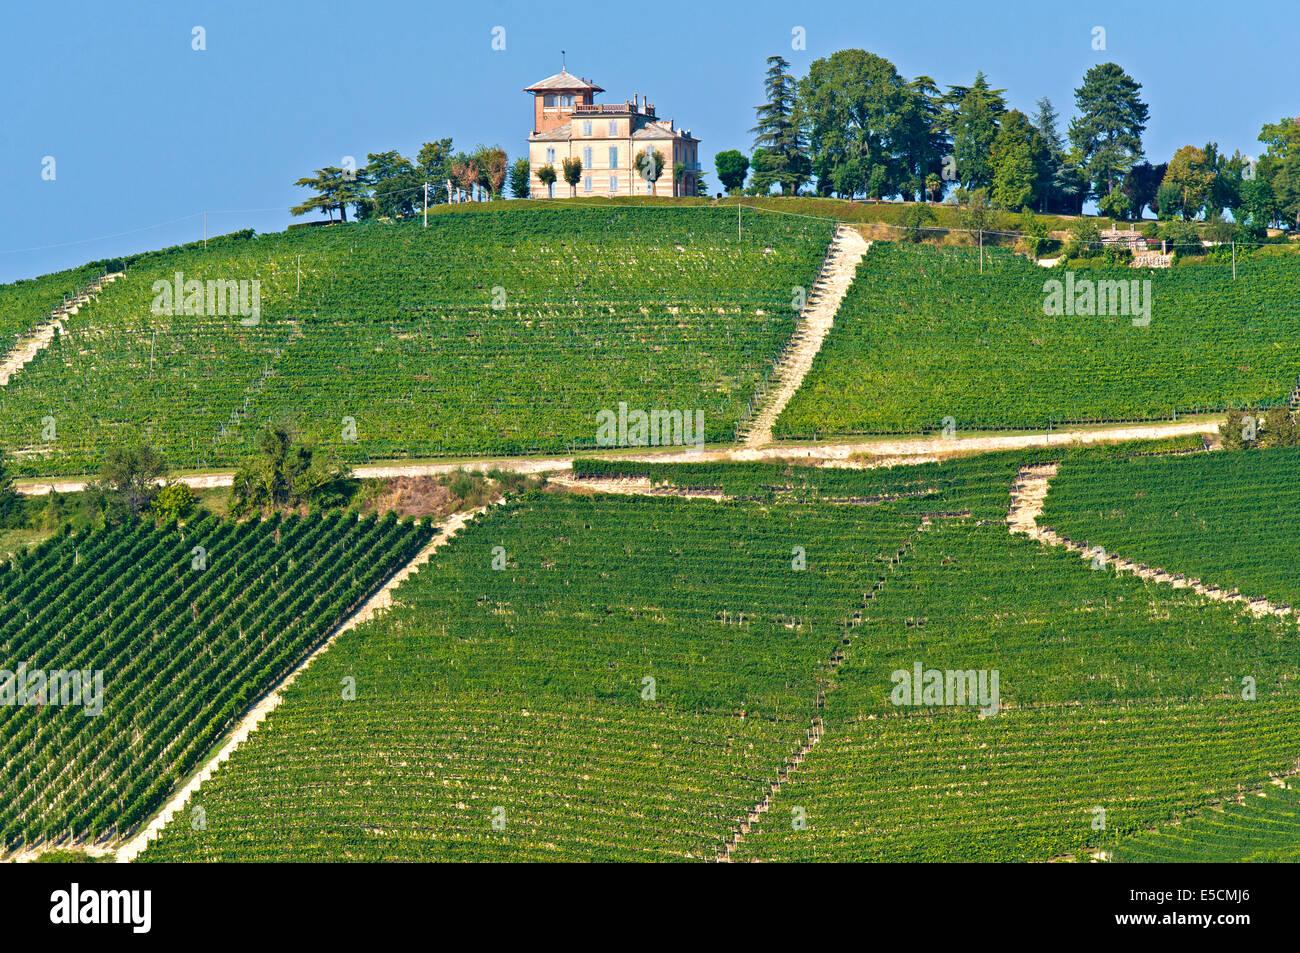 Vigneti per uva Nebbiolo in Alba, Piemonte, Italia Immagini Stock